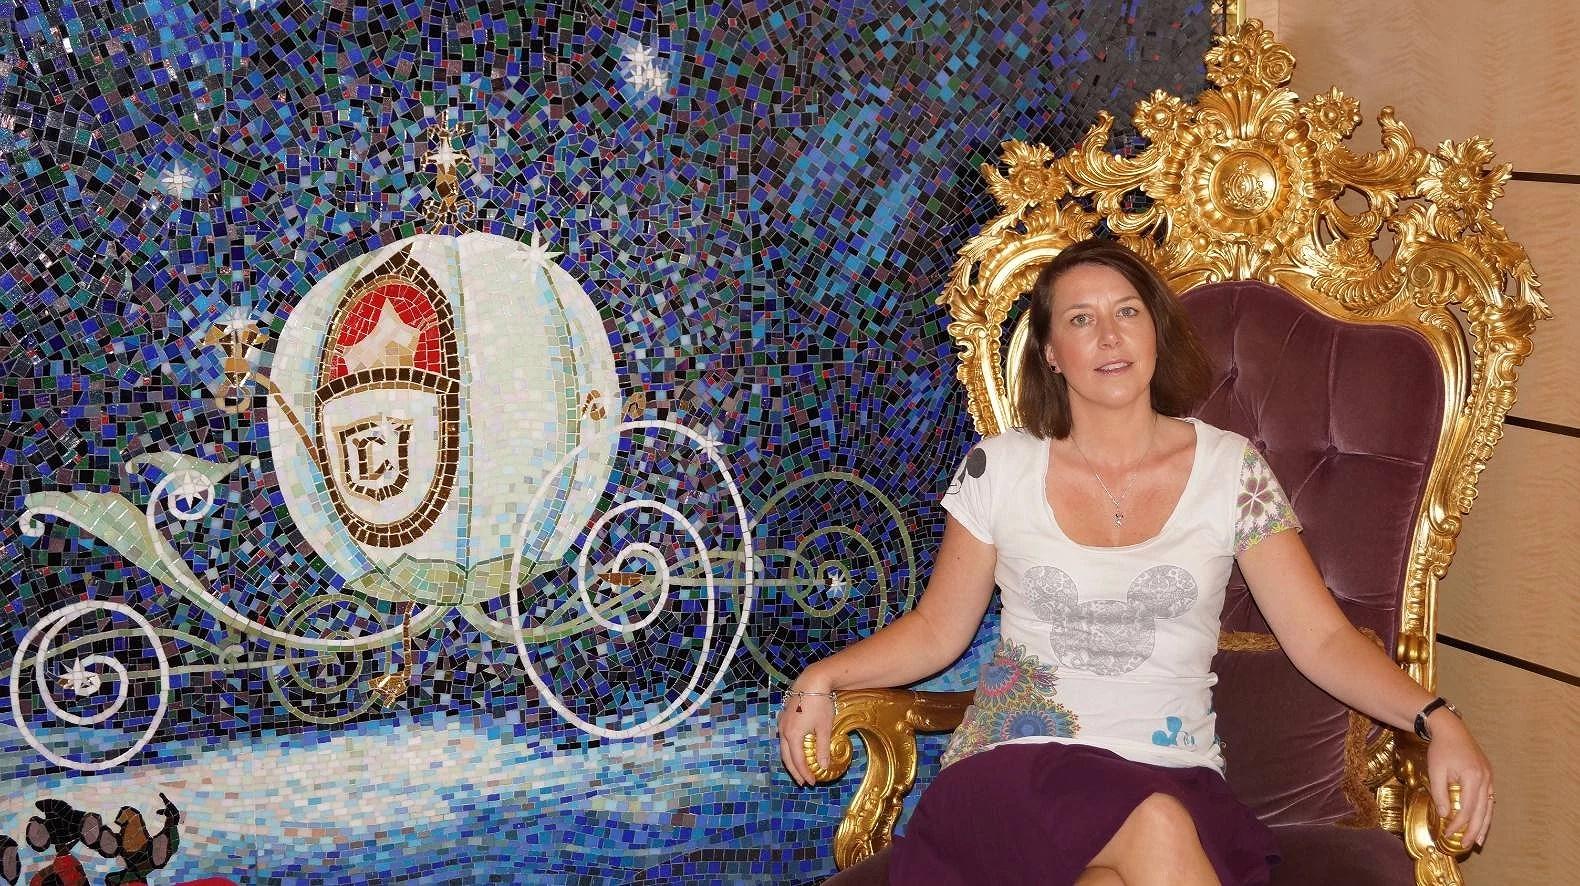 Disneysemester är tillbaka efter blogguppehåll!